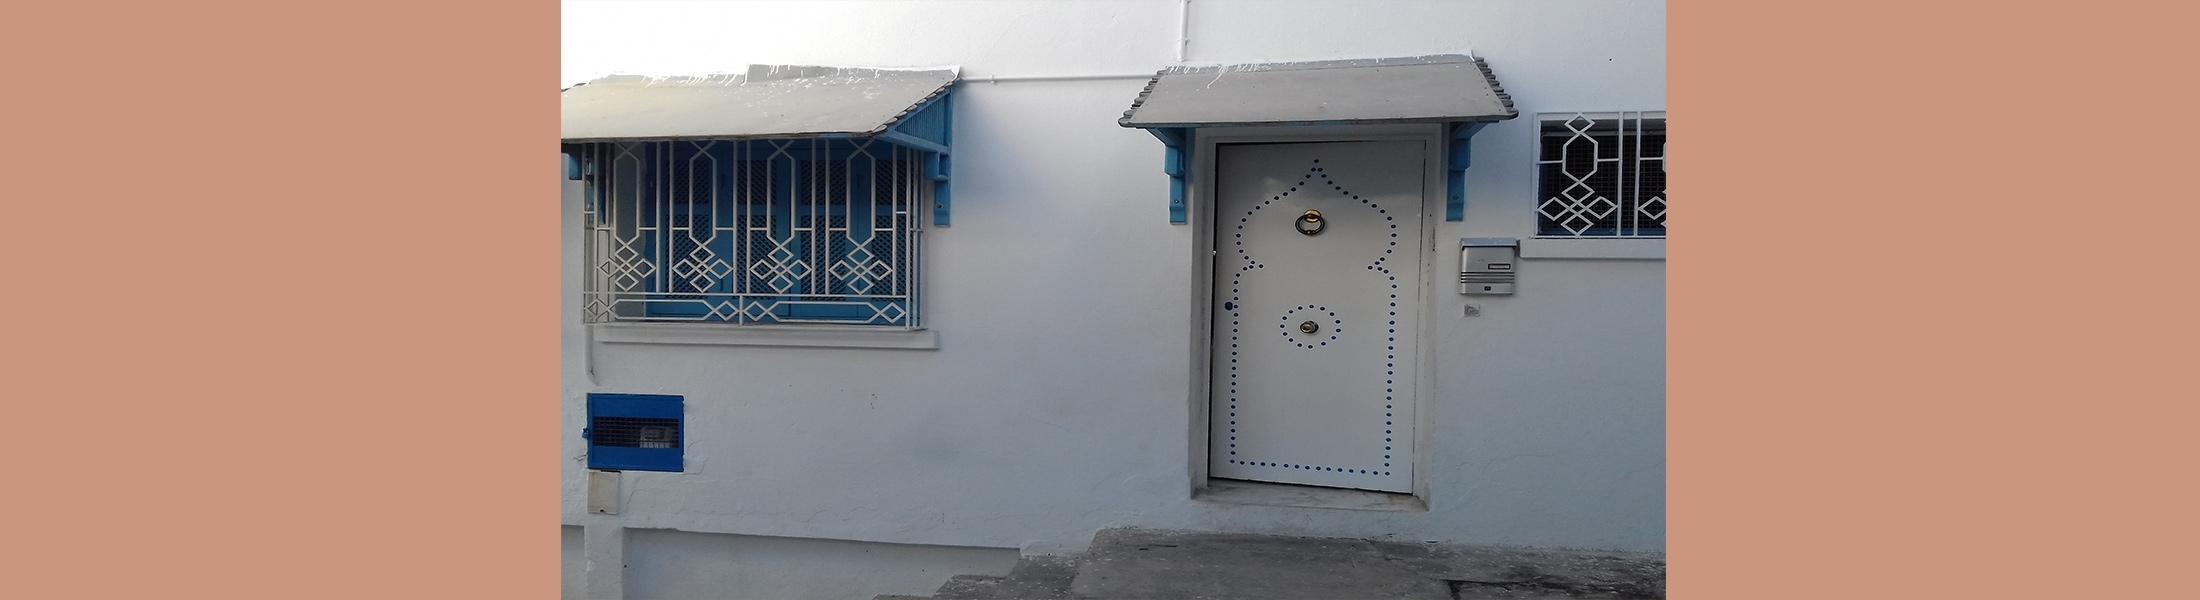 الشقة فهد - باب سعدون (طلب العروض عدد 08 لسنة 2021)